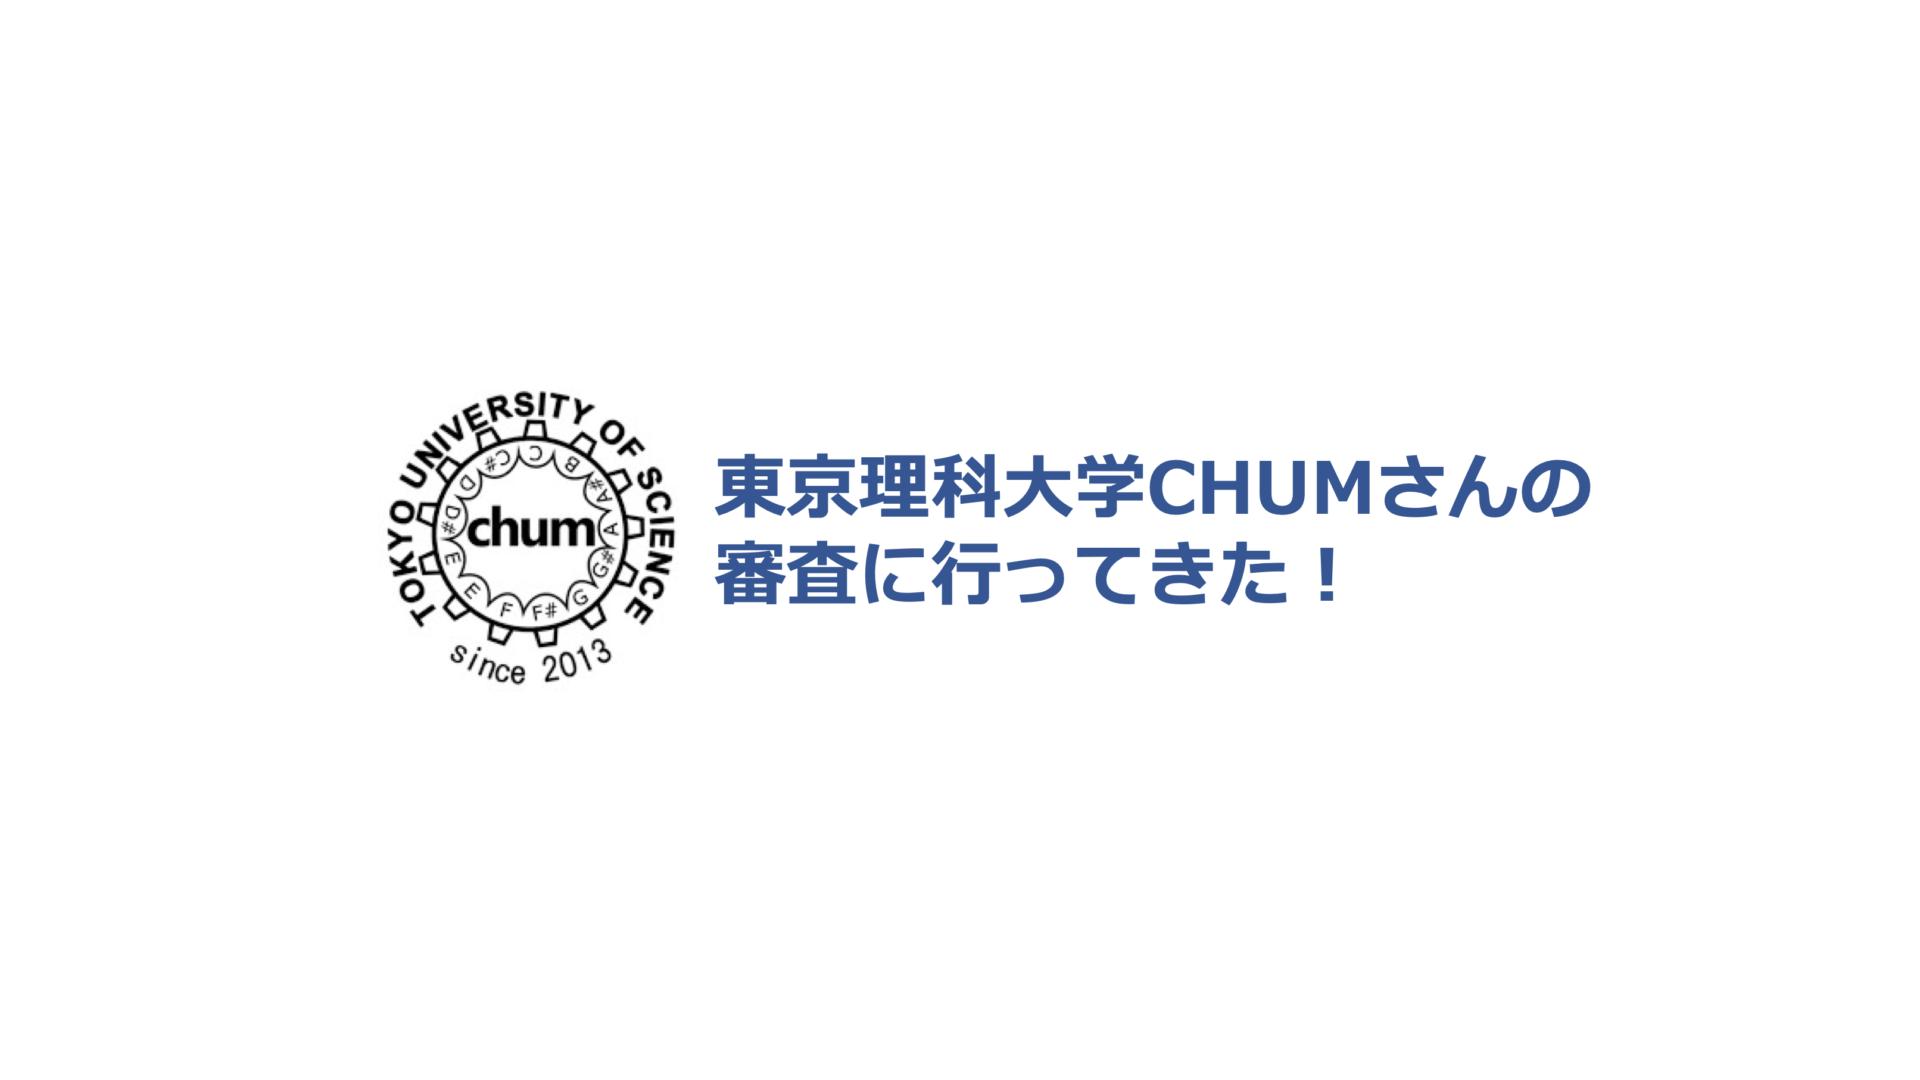 【アカペラ】東京理科大学chumさんの審査に行ってきた!